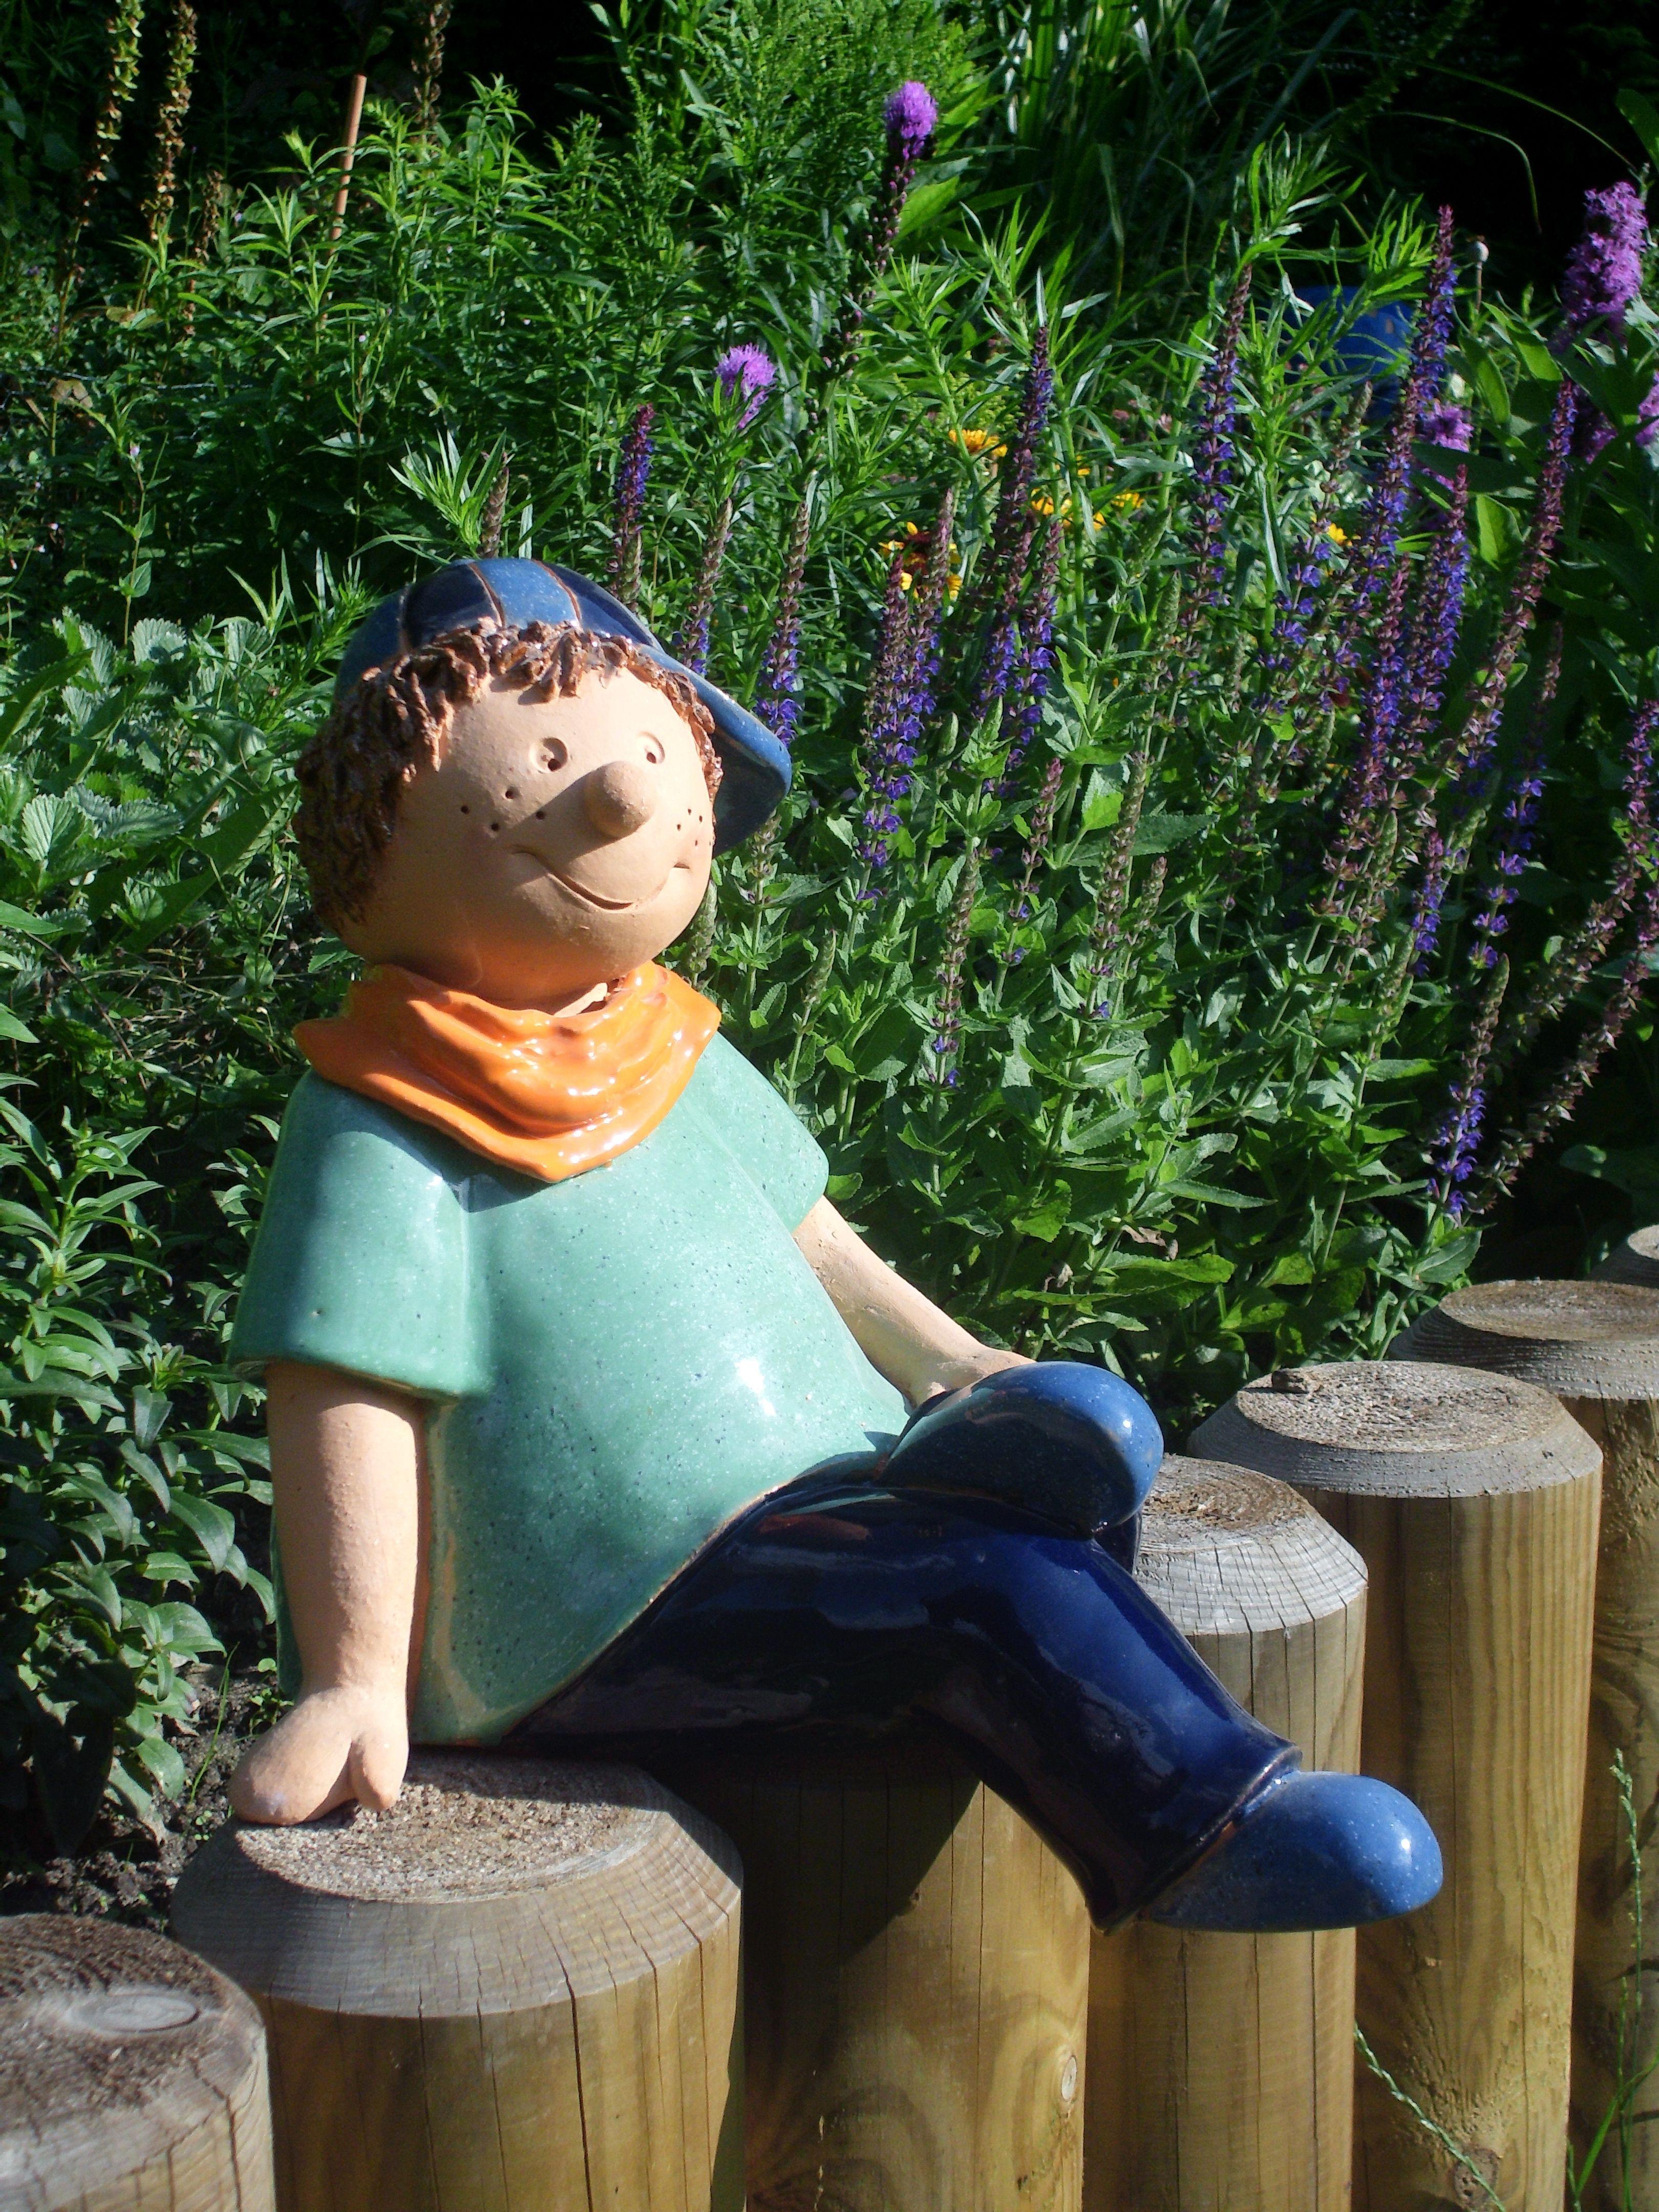 Keramik Figur Gartenkeramik Gartendeko Garten Gartenkeramik Gartendeko Figuren Figur